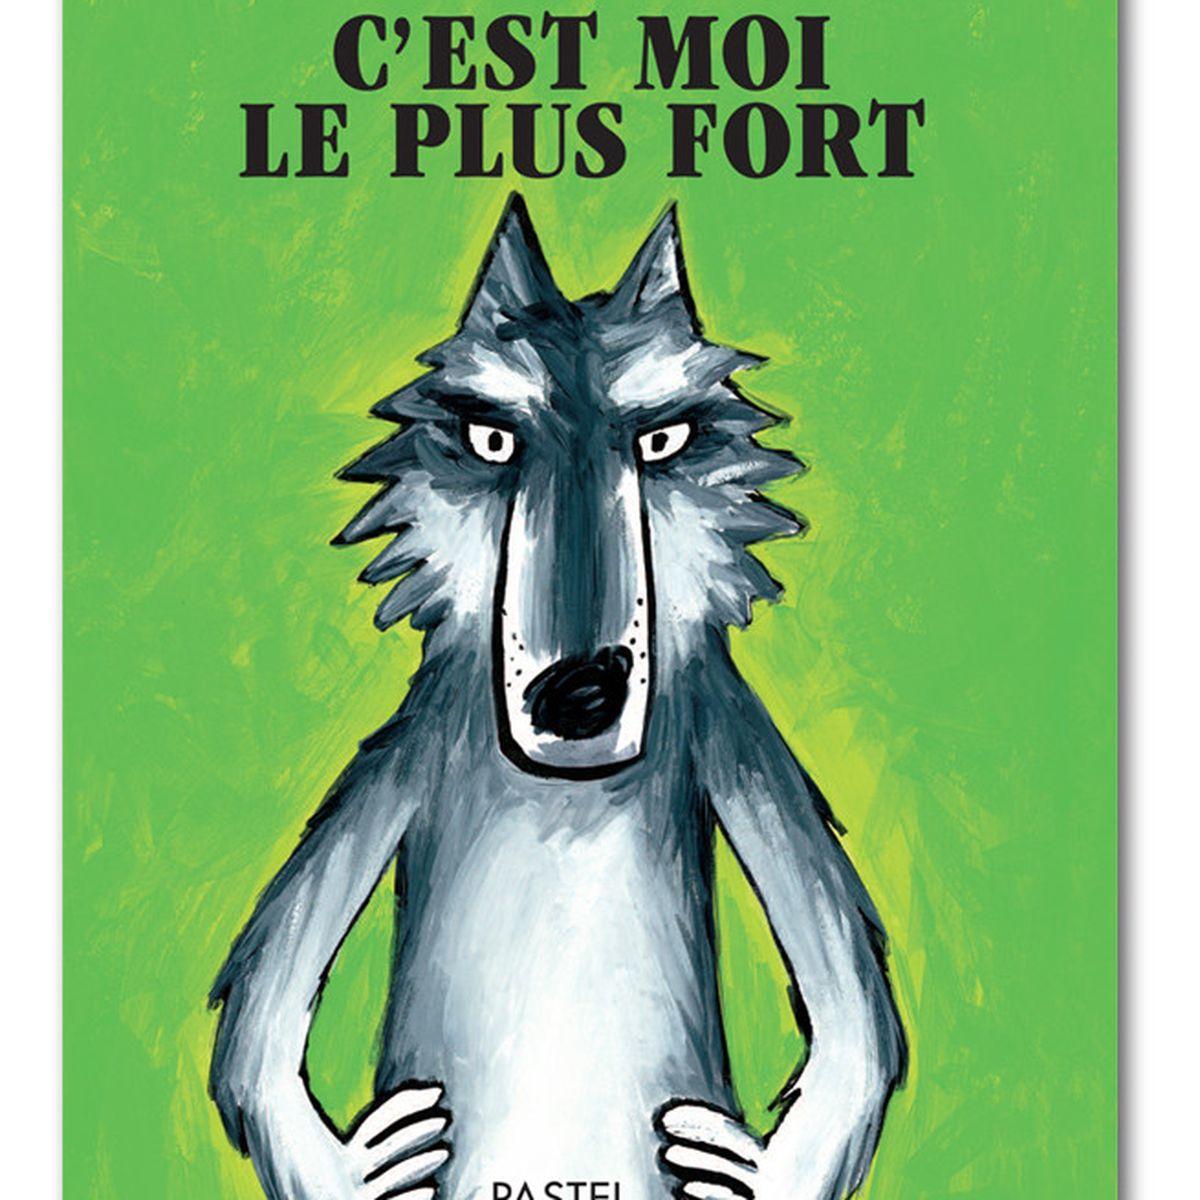 50 Ans De L Ecole Des Loisirs 15 Albums Essentiels Par Louis Delas